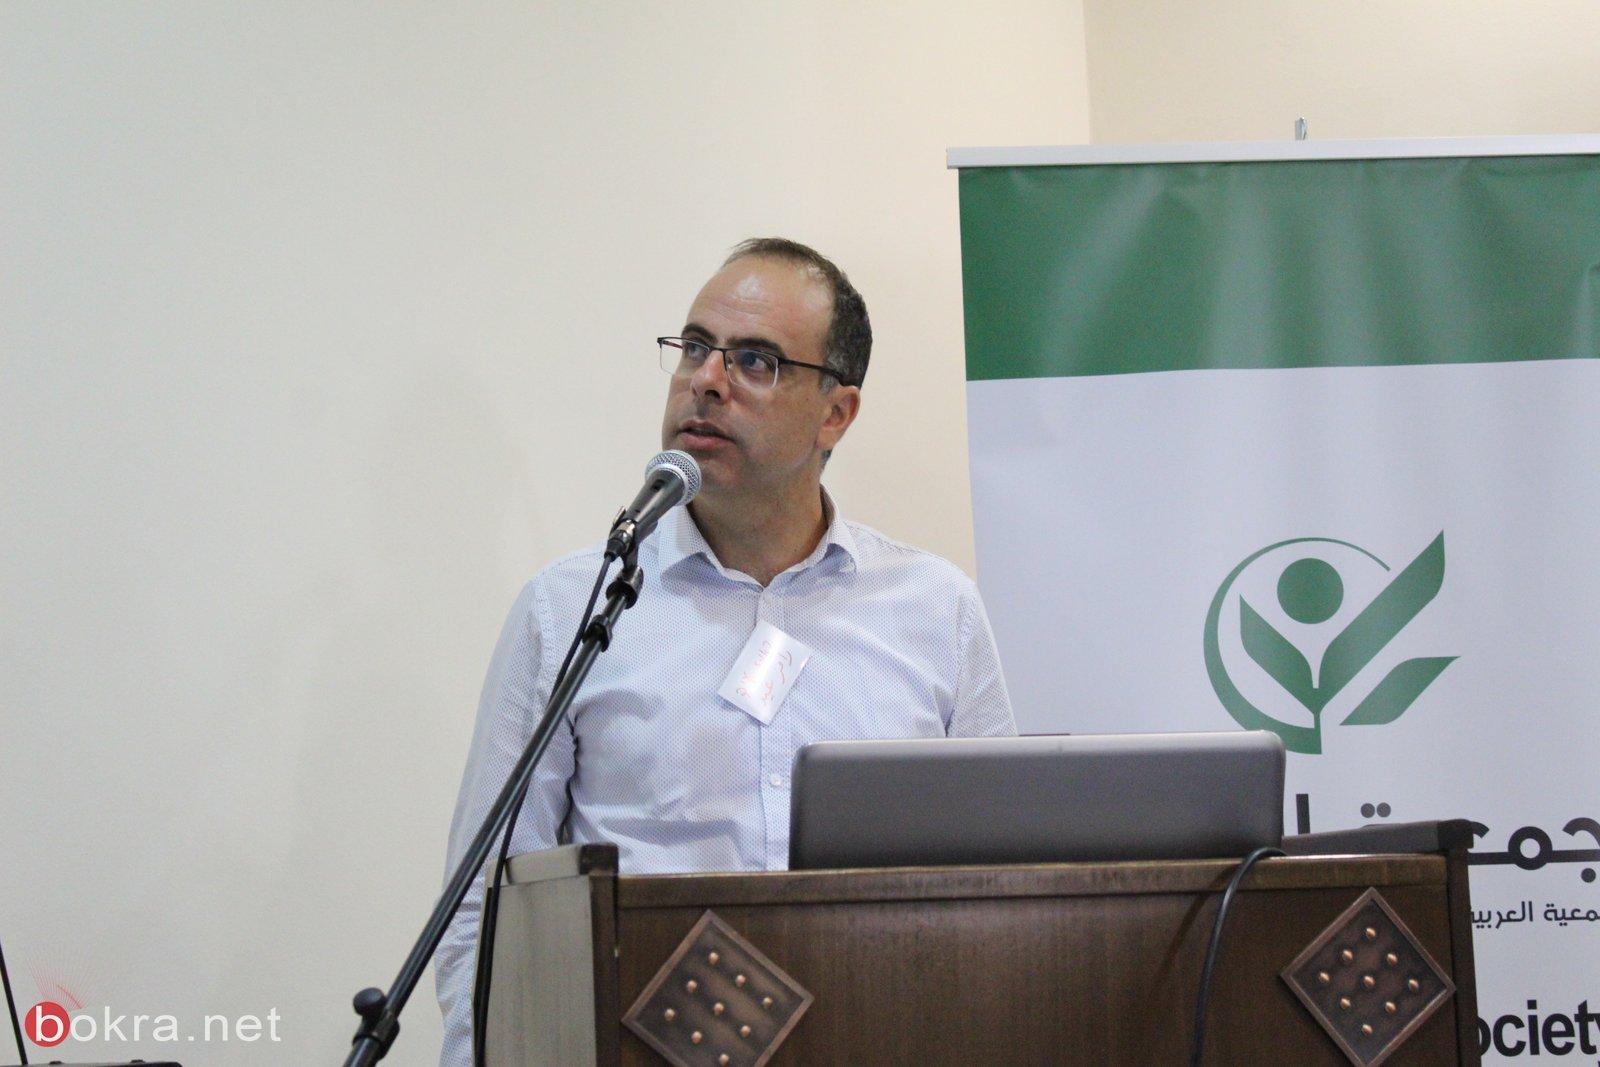 جمعية الجليل تطلق مؤتمرها العلمي السنوي للعام 2019 -0